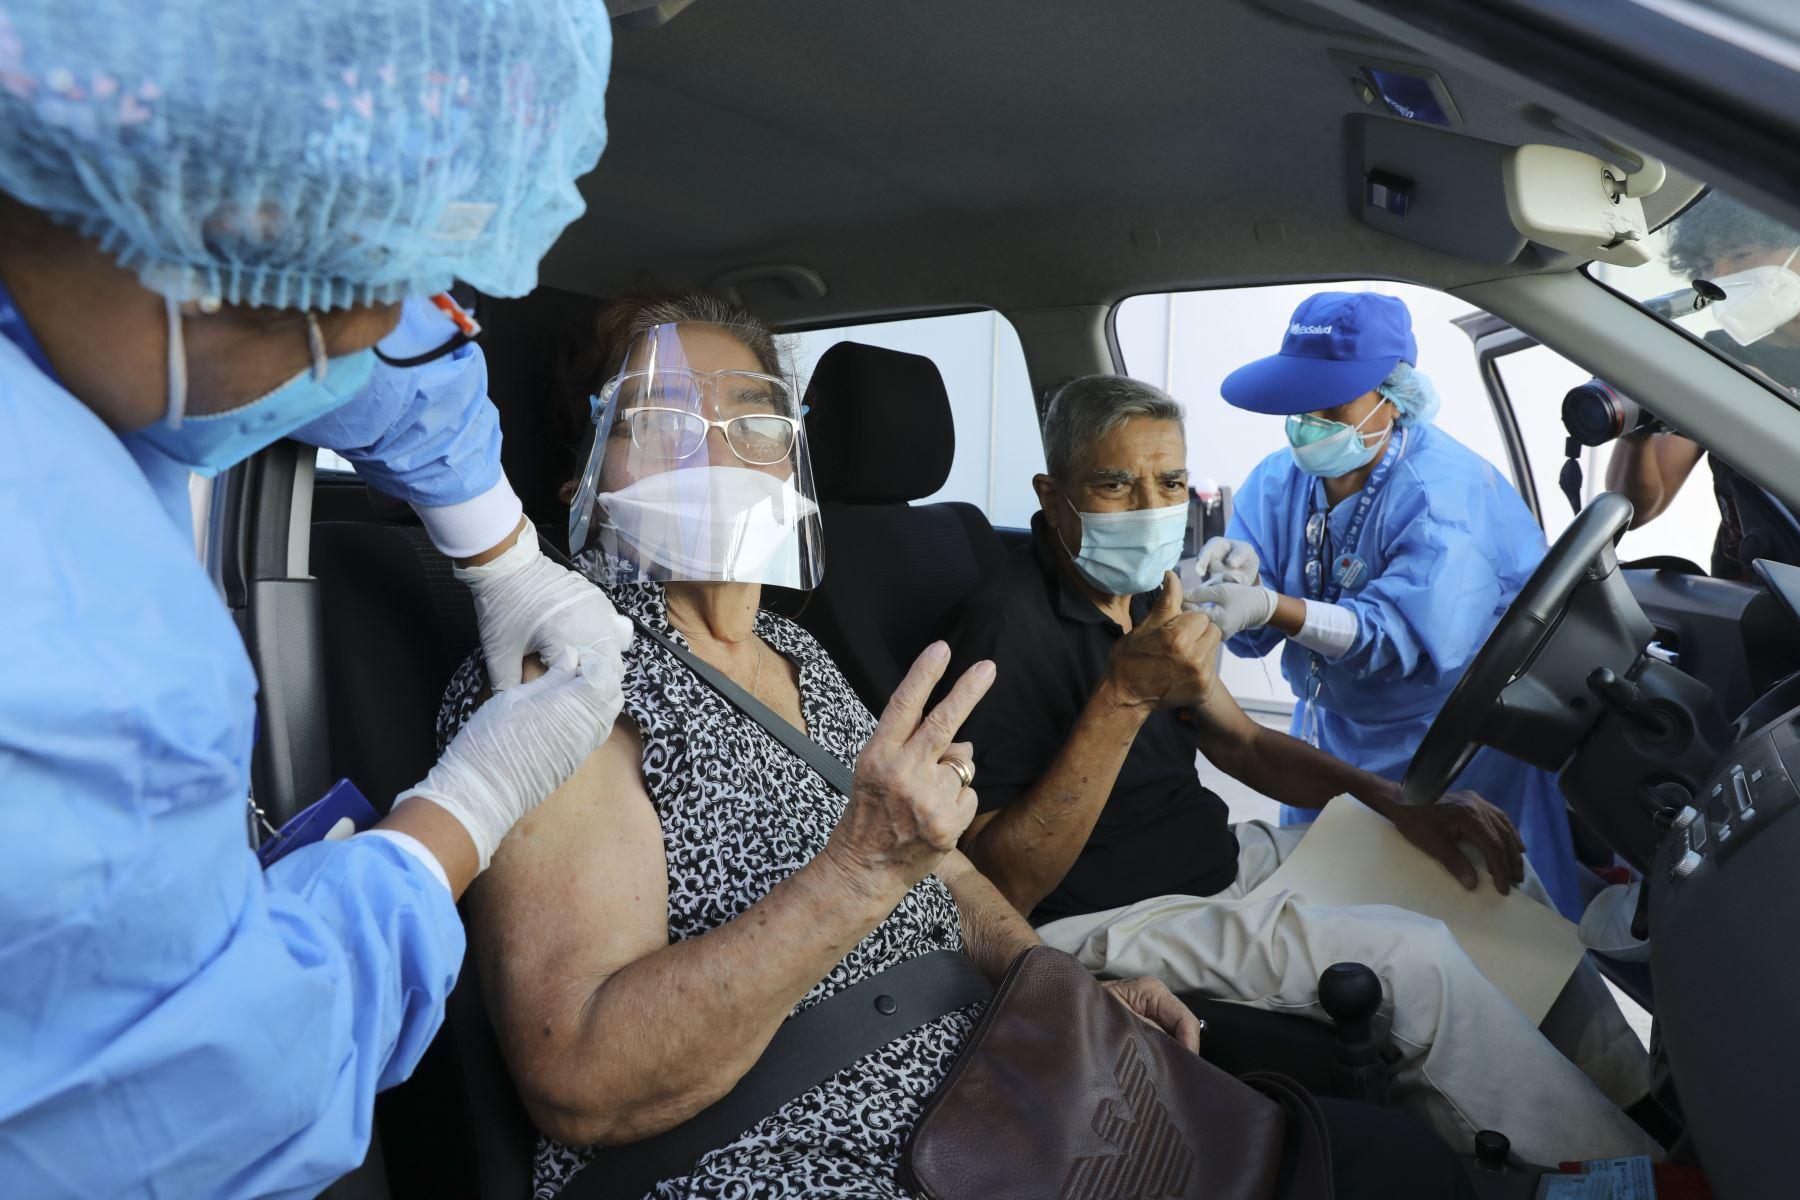 Los vacunatorios son espacios seguros y ventilados para evitar cualquier riesgo de contagio de covid-19. Foto: ANDINA.